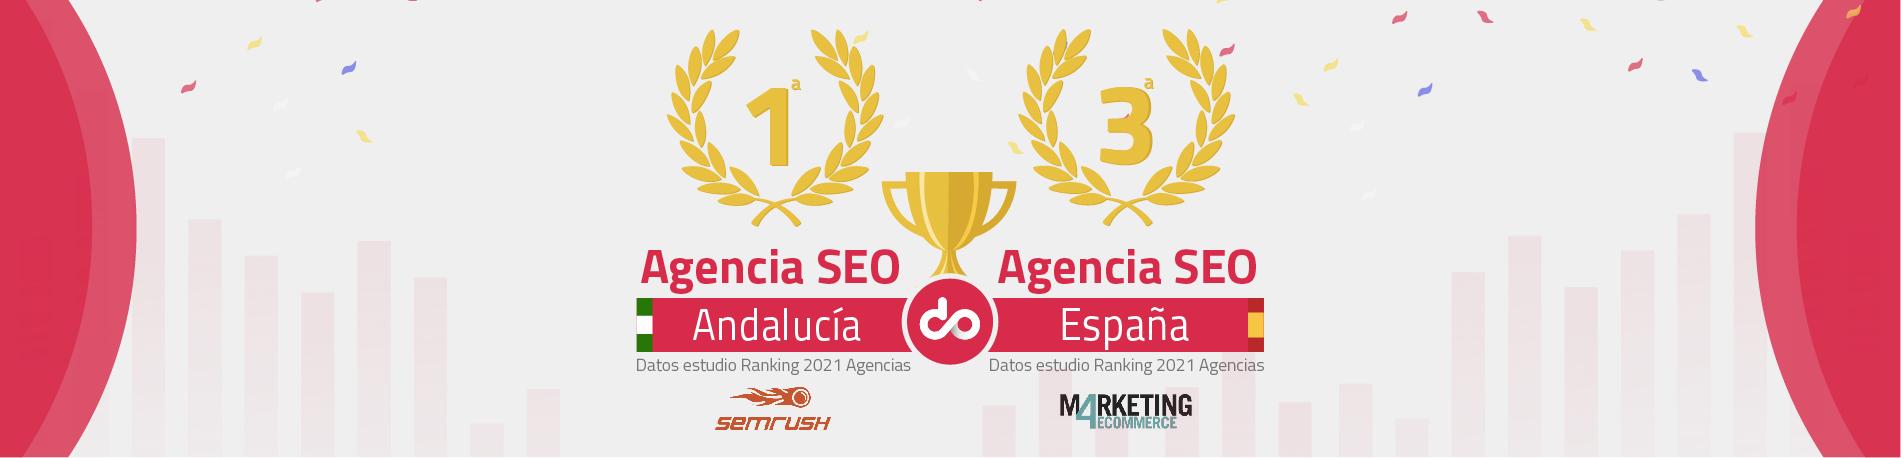 Agencia SEO Zaragoza